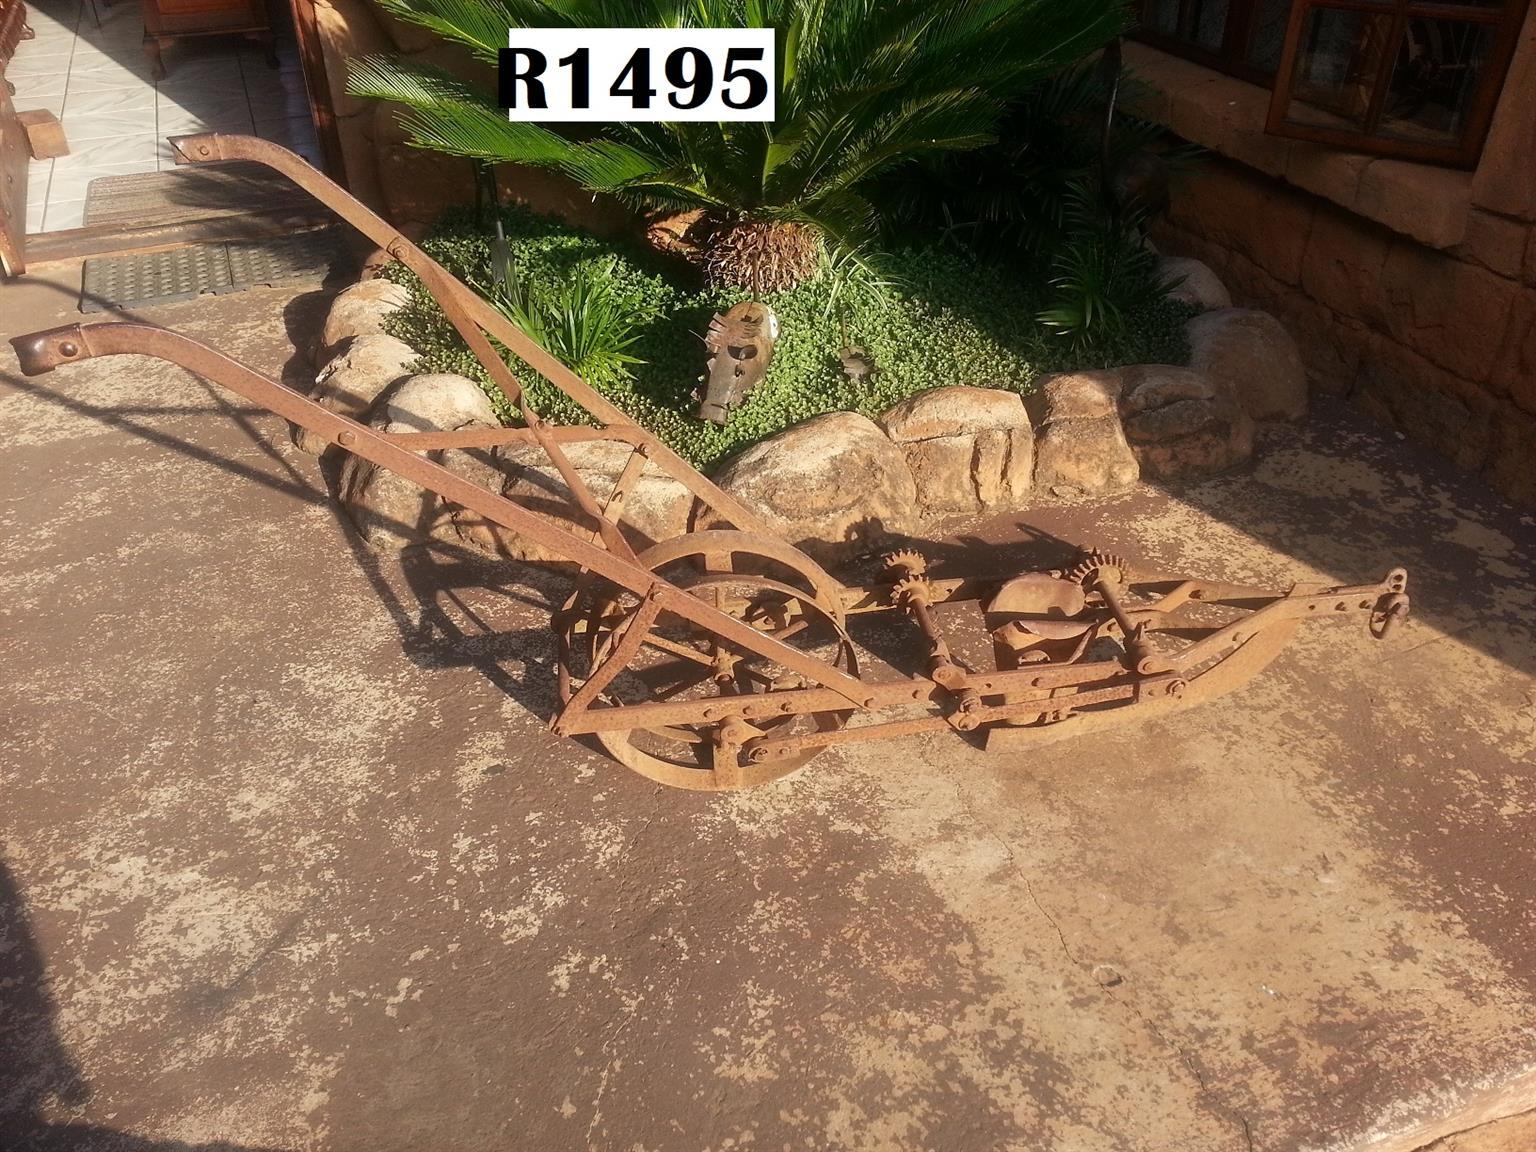 Antique Planter